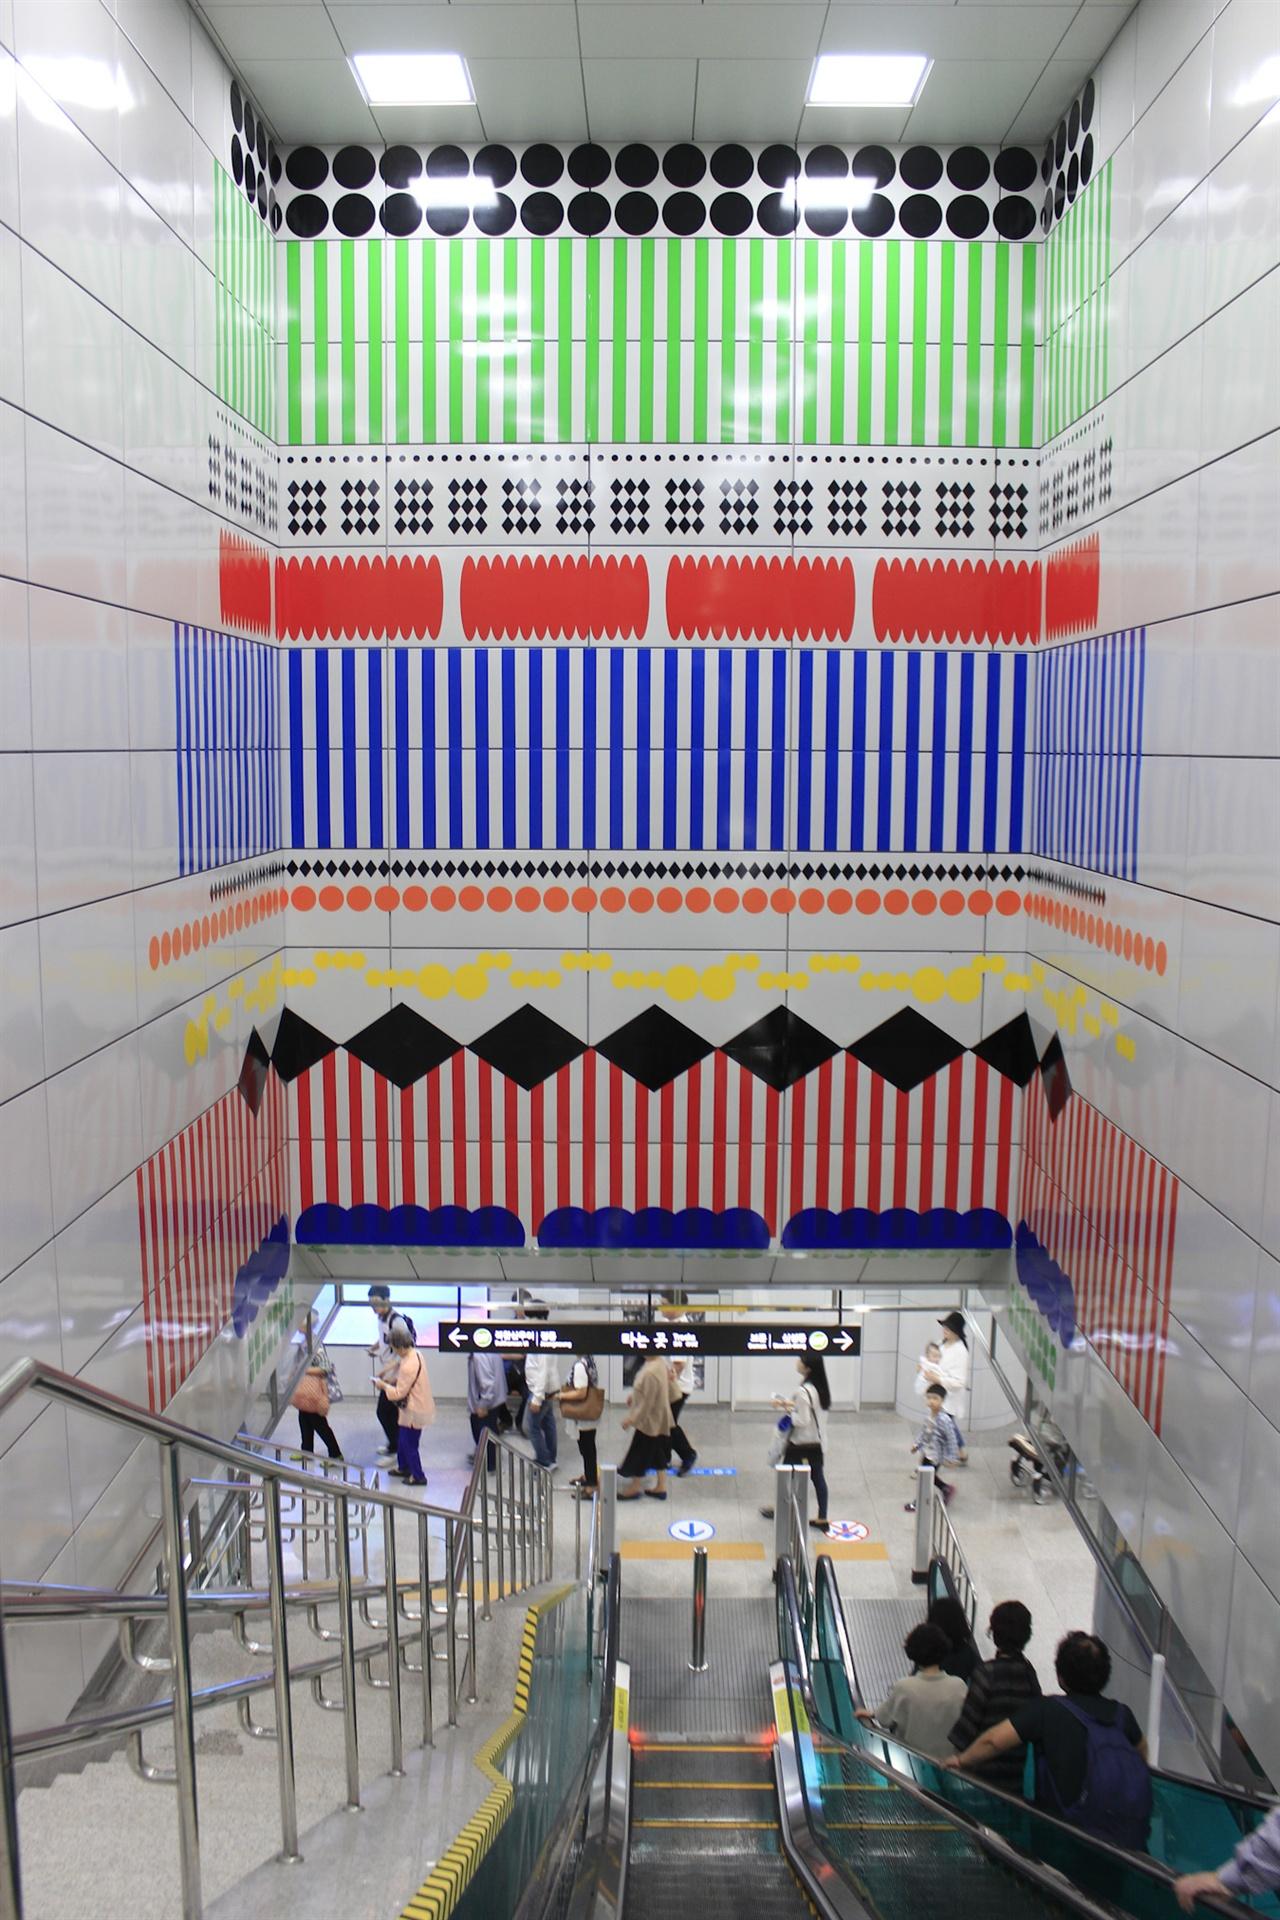 역사 내 문화사업의 일환으로 보문역에 설치된 설치예술. 보통 전철역이라면 광고판이 큼직하게 자리잡았을 위치에 있다.